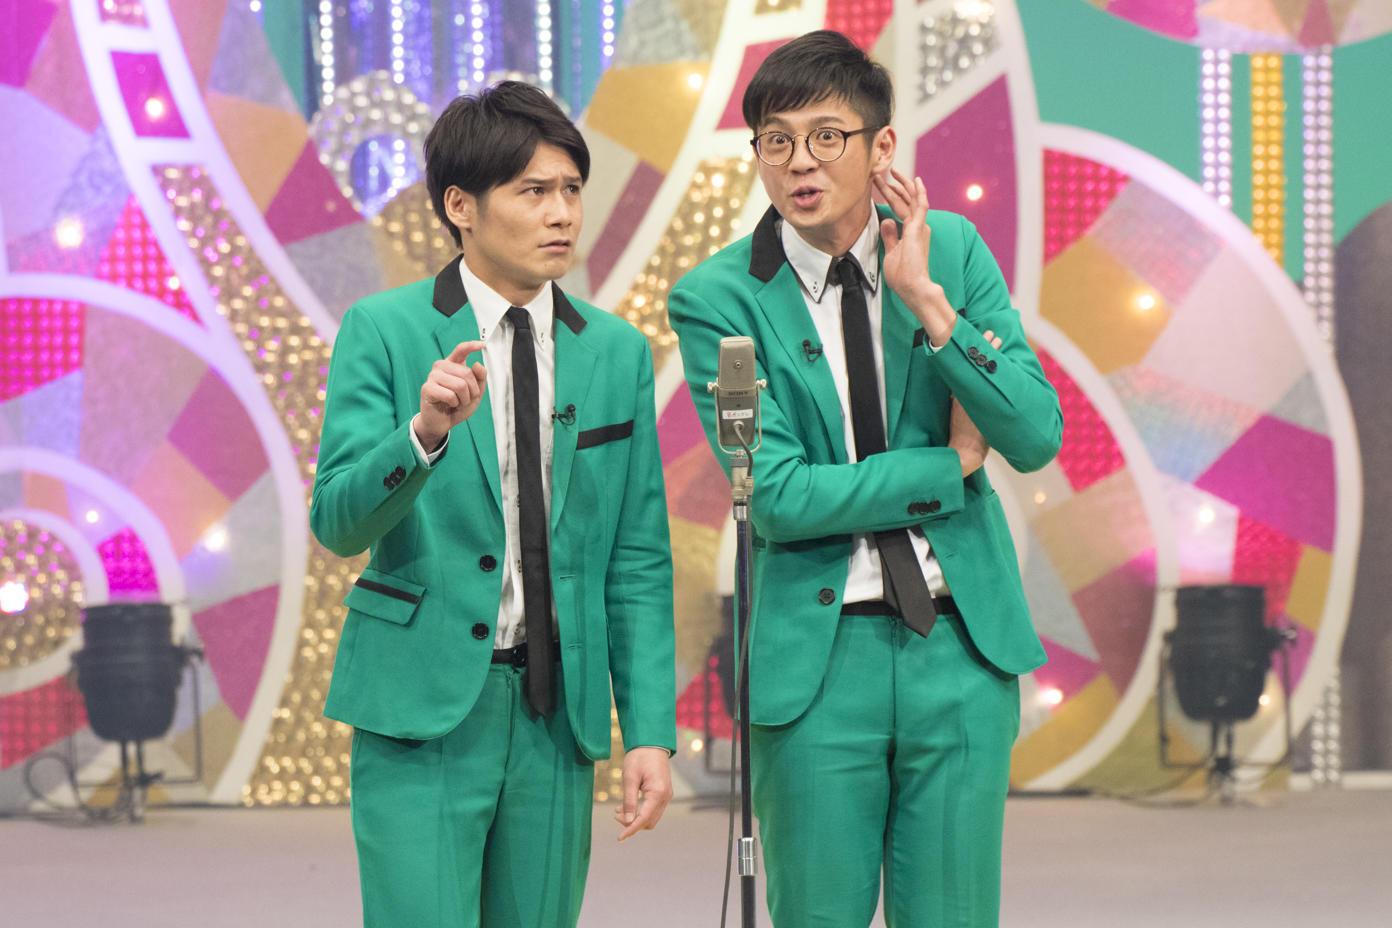 http://news.yoshimoto.co.jp/20170507223102-c38661d936994eeaacc4a390748c17356081075f.jpg